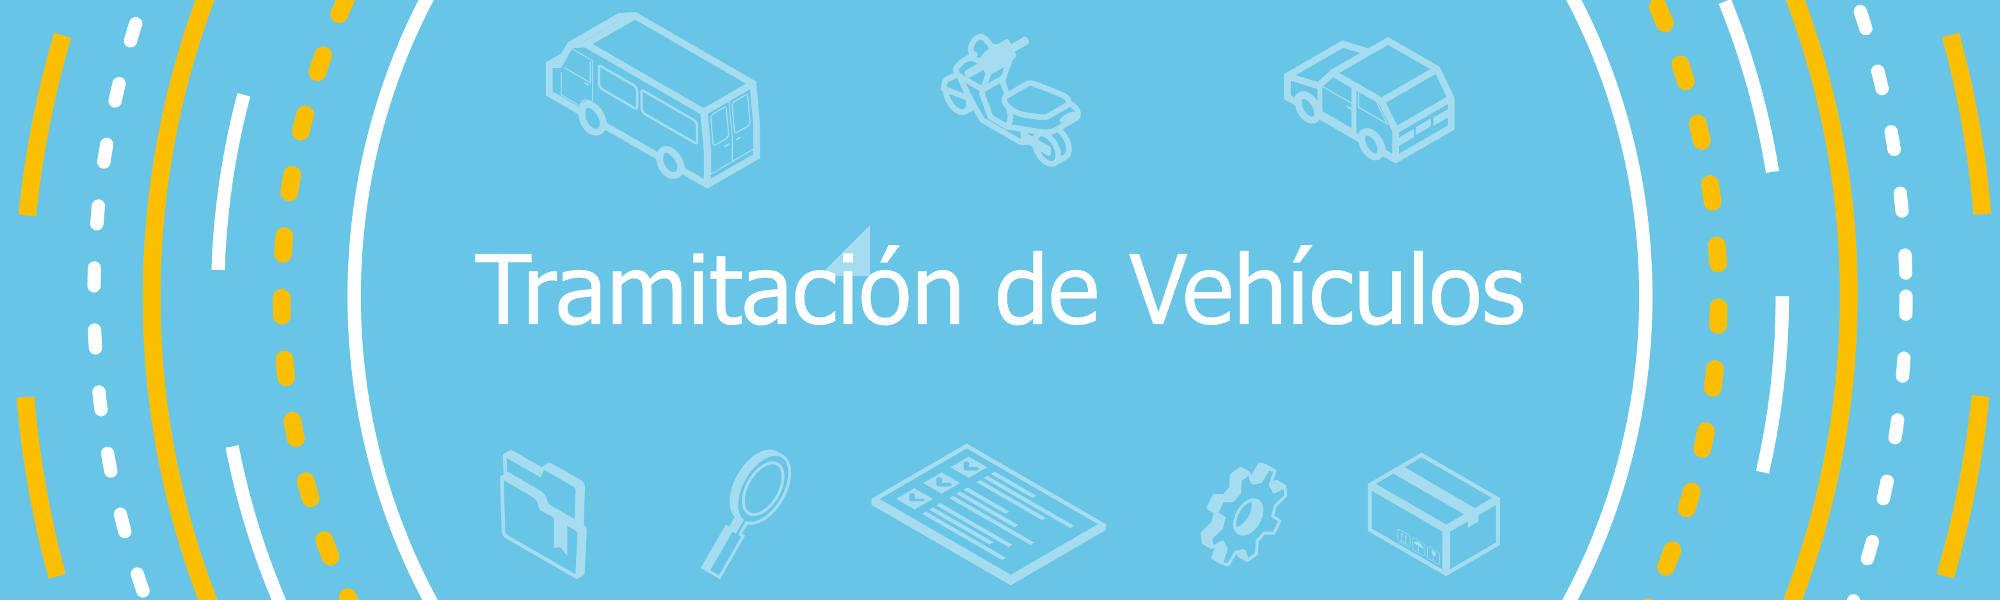 Tramitación de altas y bajas de vehículos en Tenerife